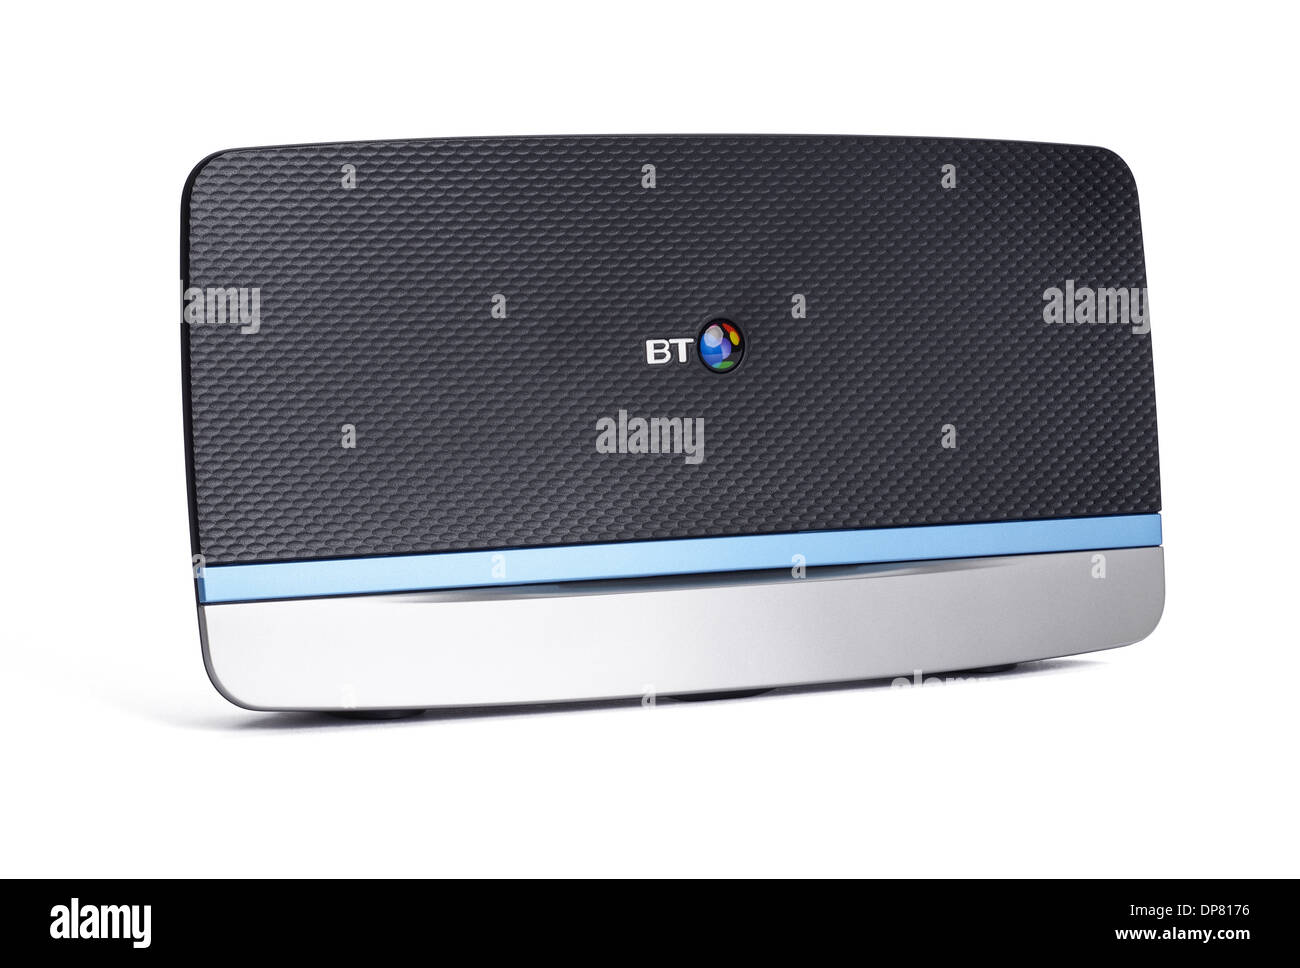 BT Home Hub 5 router inalámbrico a internet por módem Imagen De Stock